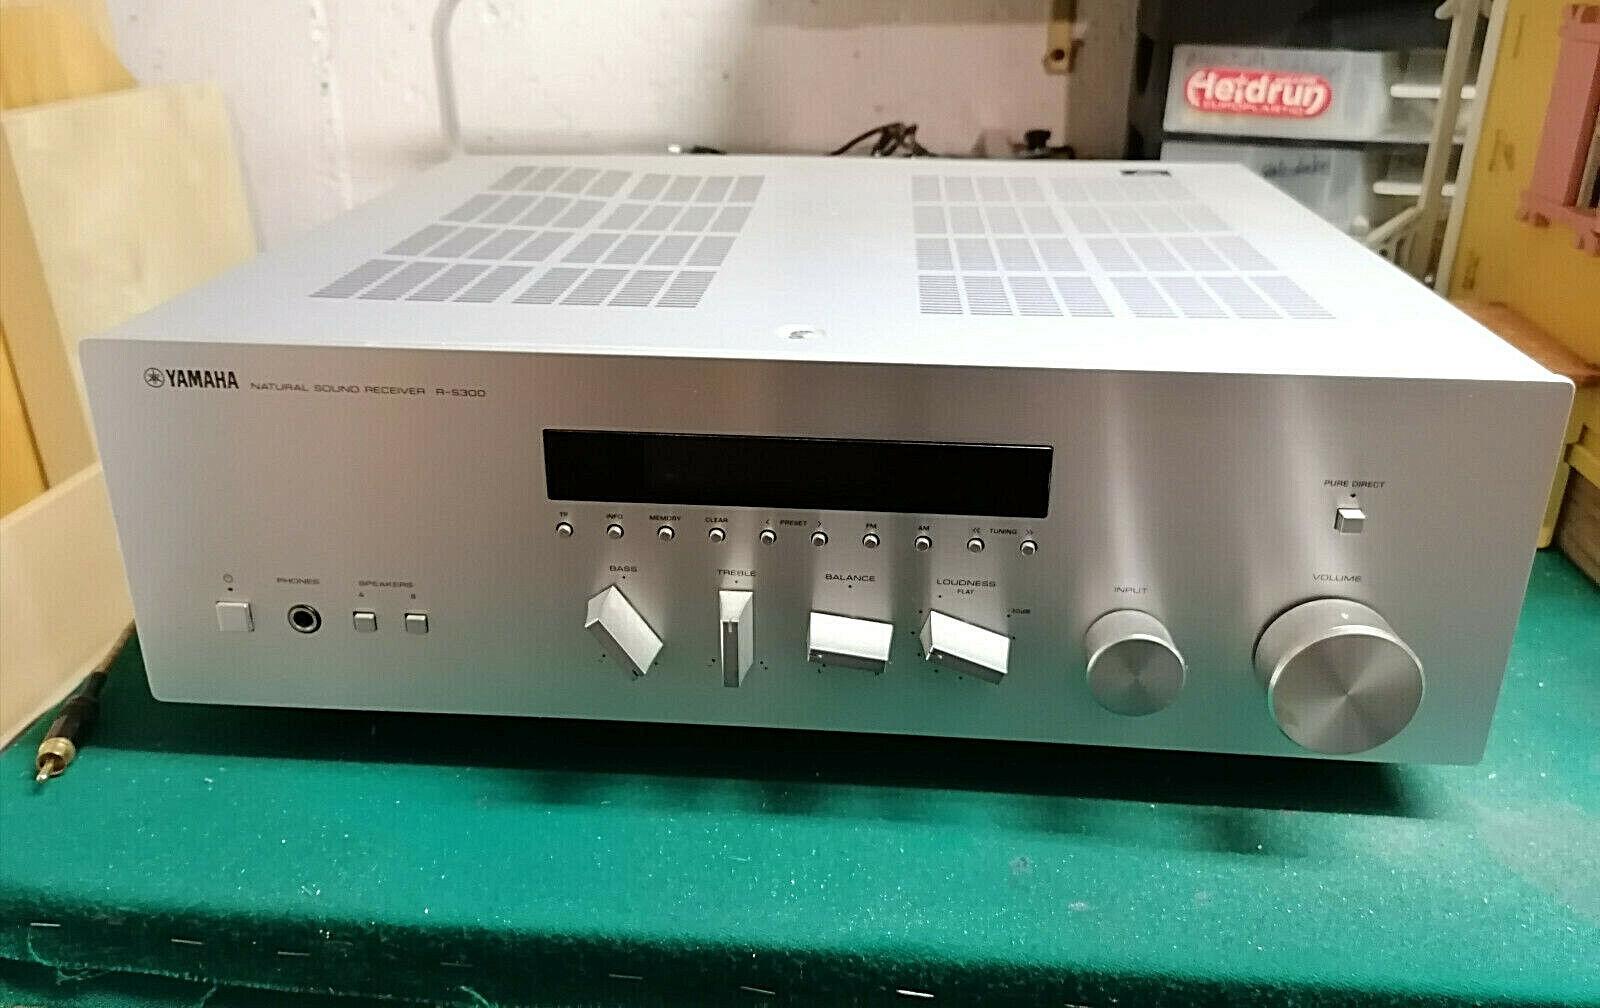 Yamaha Natural Sound Receiver R-S300 silber mit Bedienungsanleitung